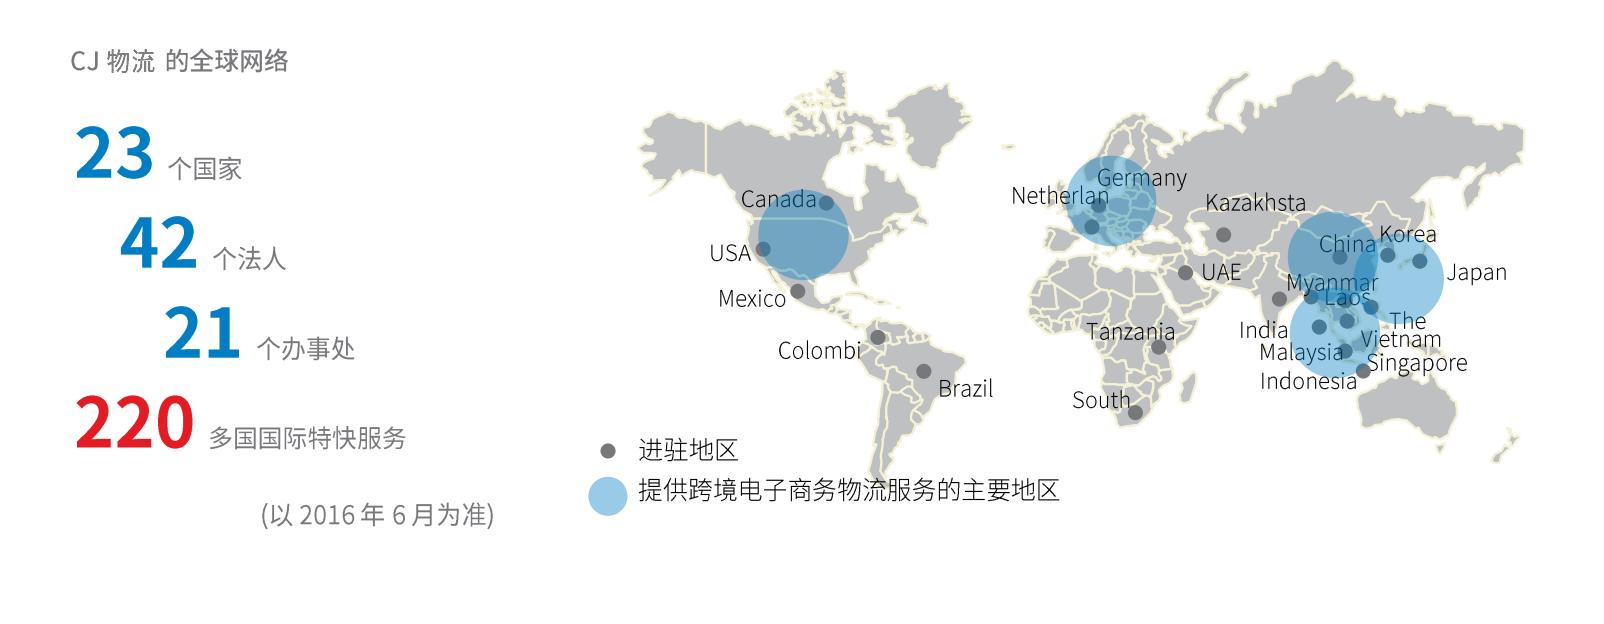 CJ物流的全球网络